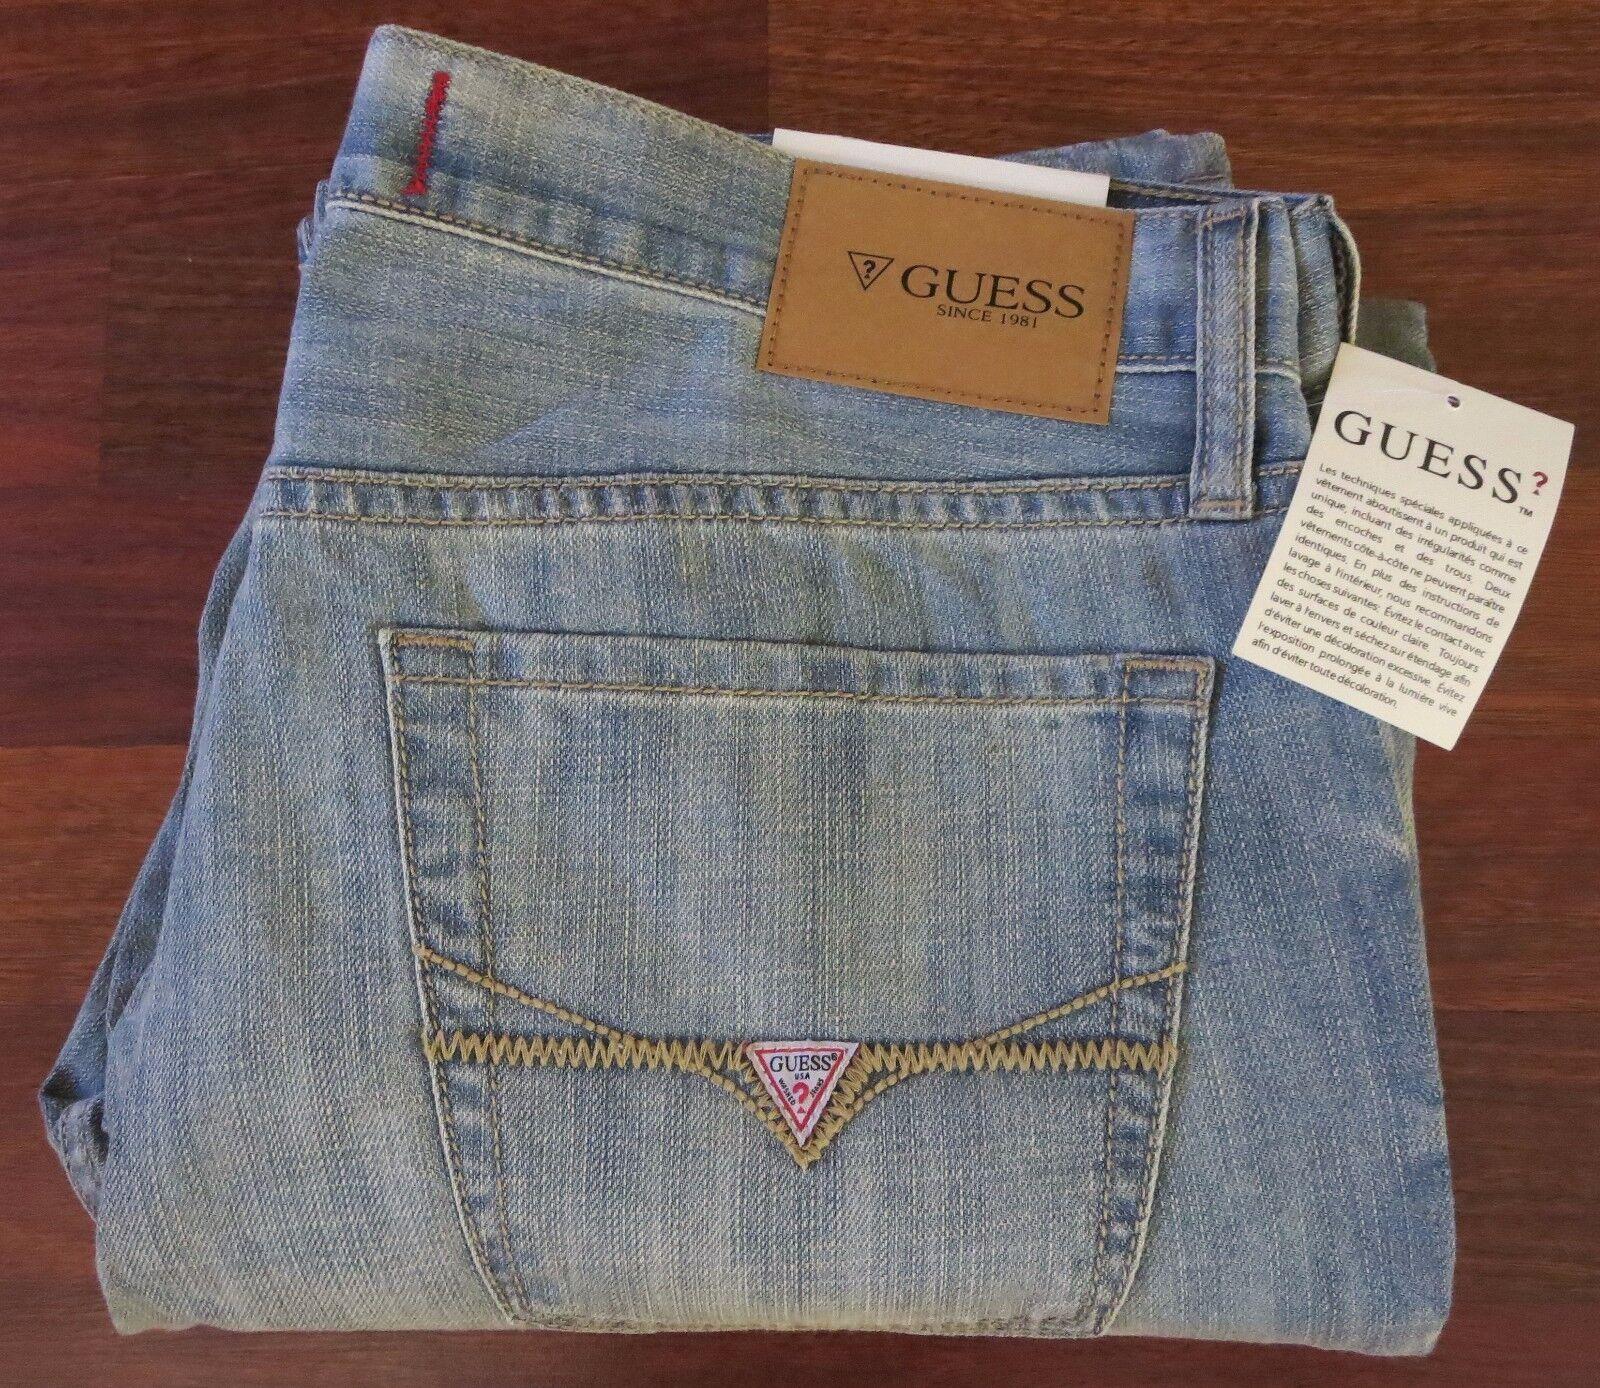 Raten Schmal Gerades Bein Jeans Herren Größe 40 X X X 32 Vintage Distressed  | Fein Verarbeitet  c36b51